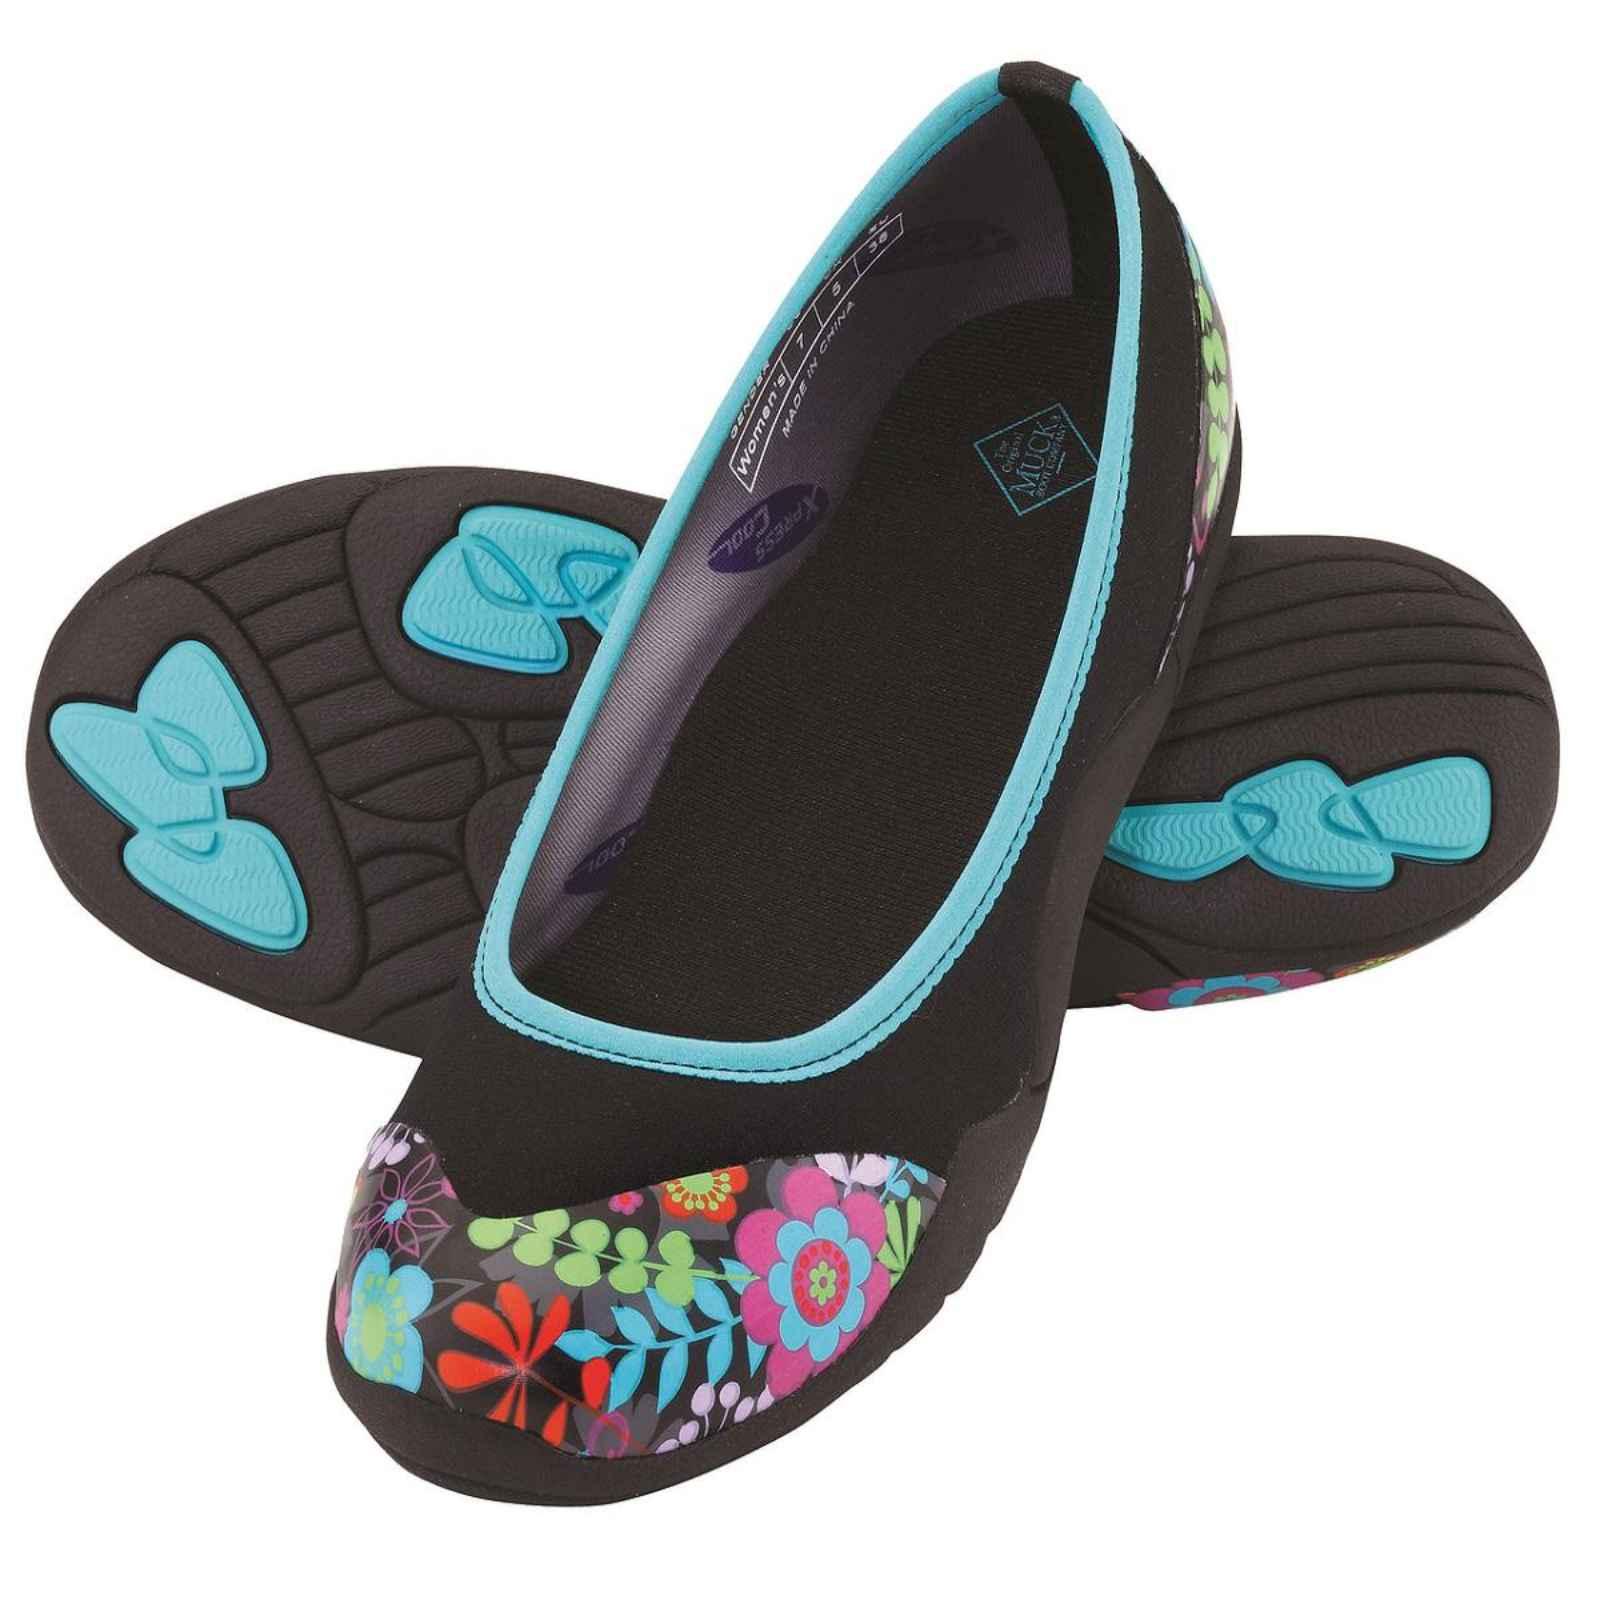 Muck Boot Company - Muck BFCT-FLR Women